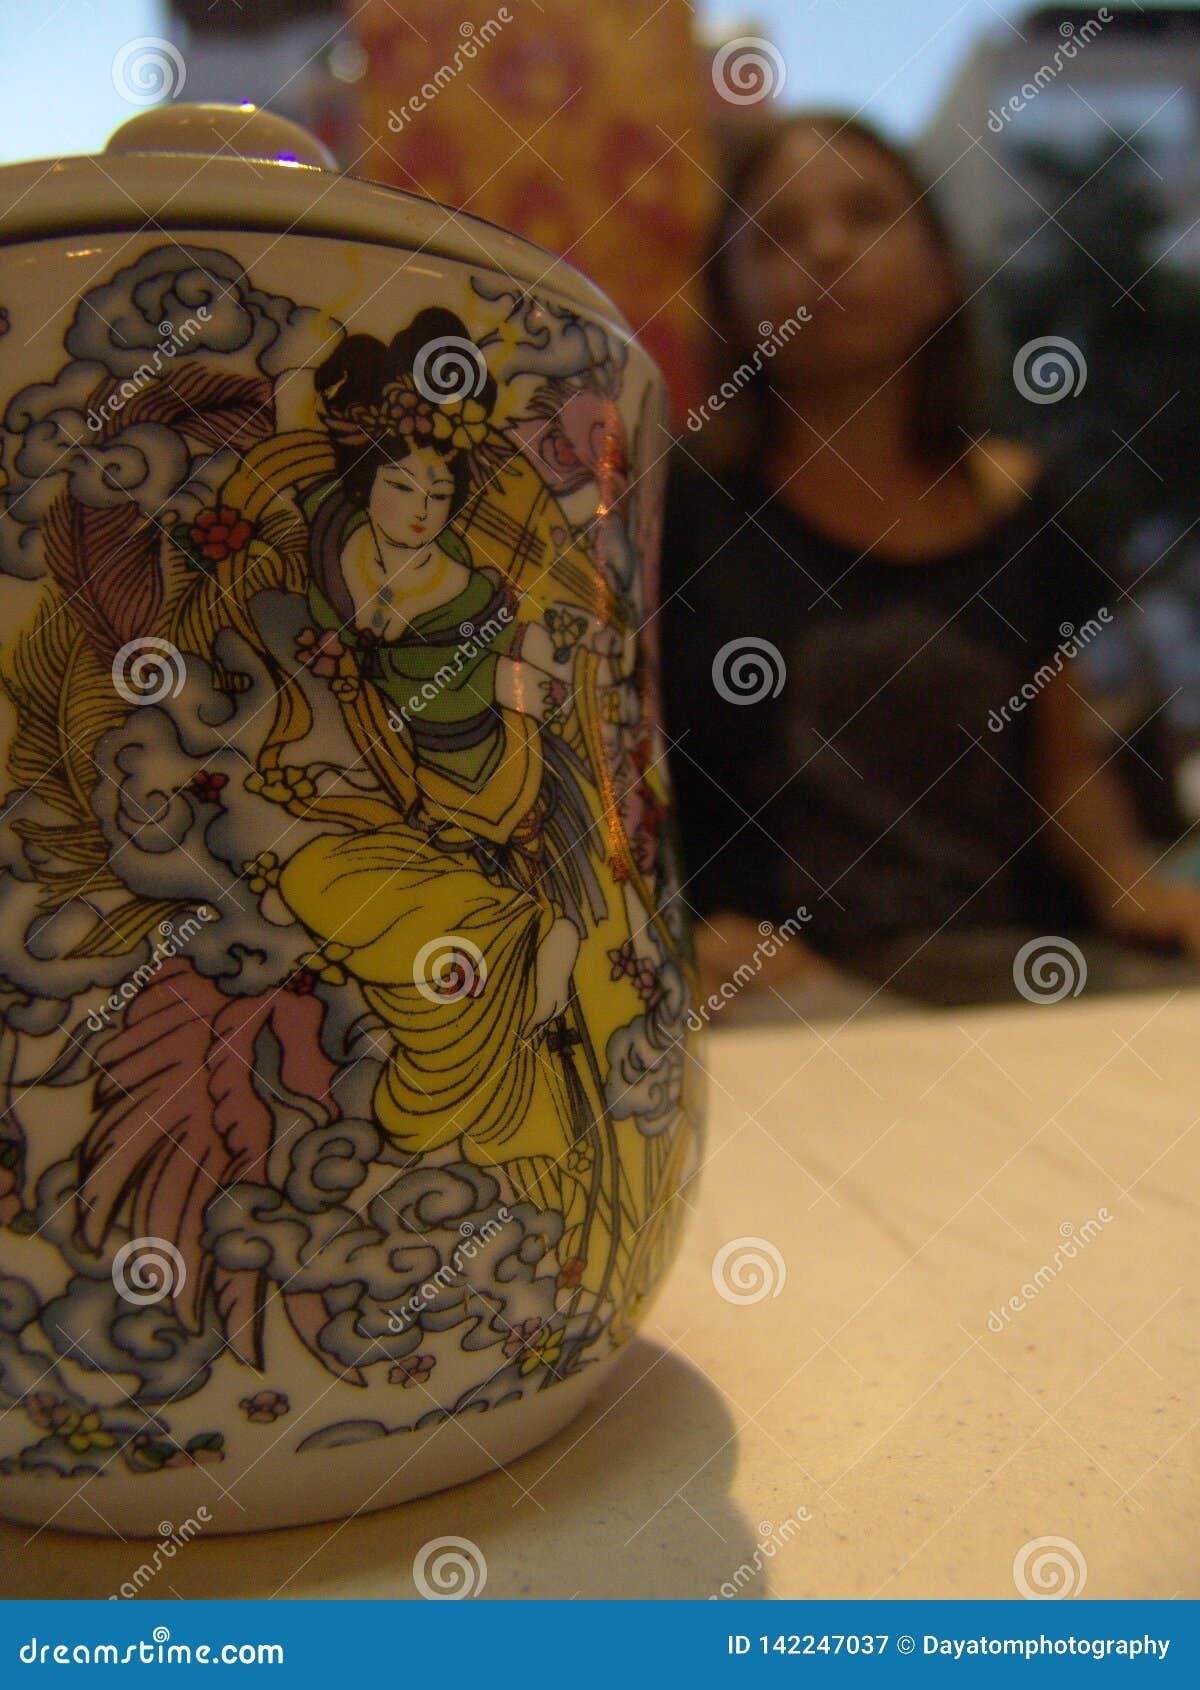 Κούπα τσαγιού με ένα καπάκι, με την όμορφη ασιατική ζωγραφική σε το και μια λαβή δάχτυλων, που στέκεται στον άσπρο πίνακα